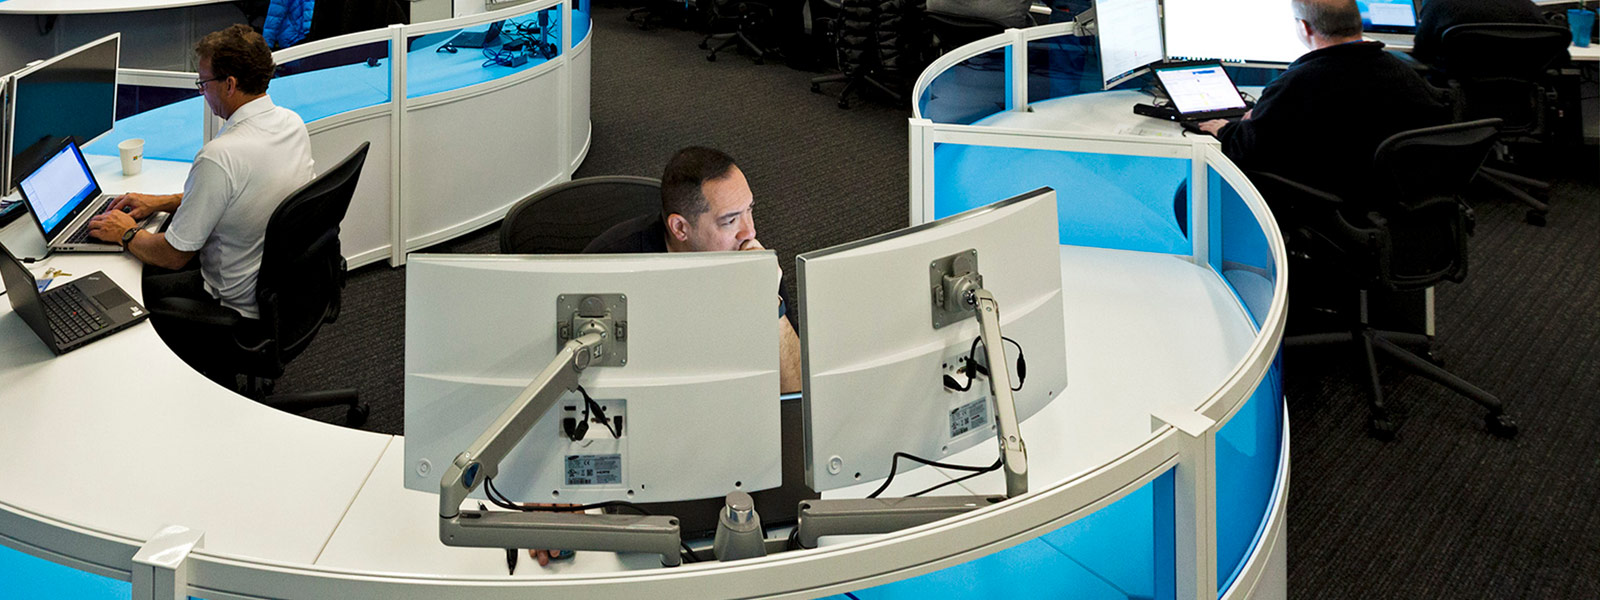 En man på ett säkerhetskontor som tittar på två skärmar